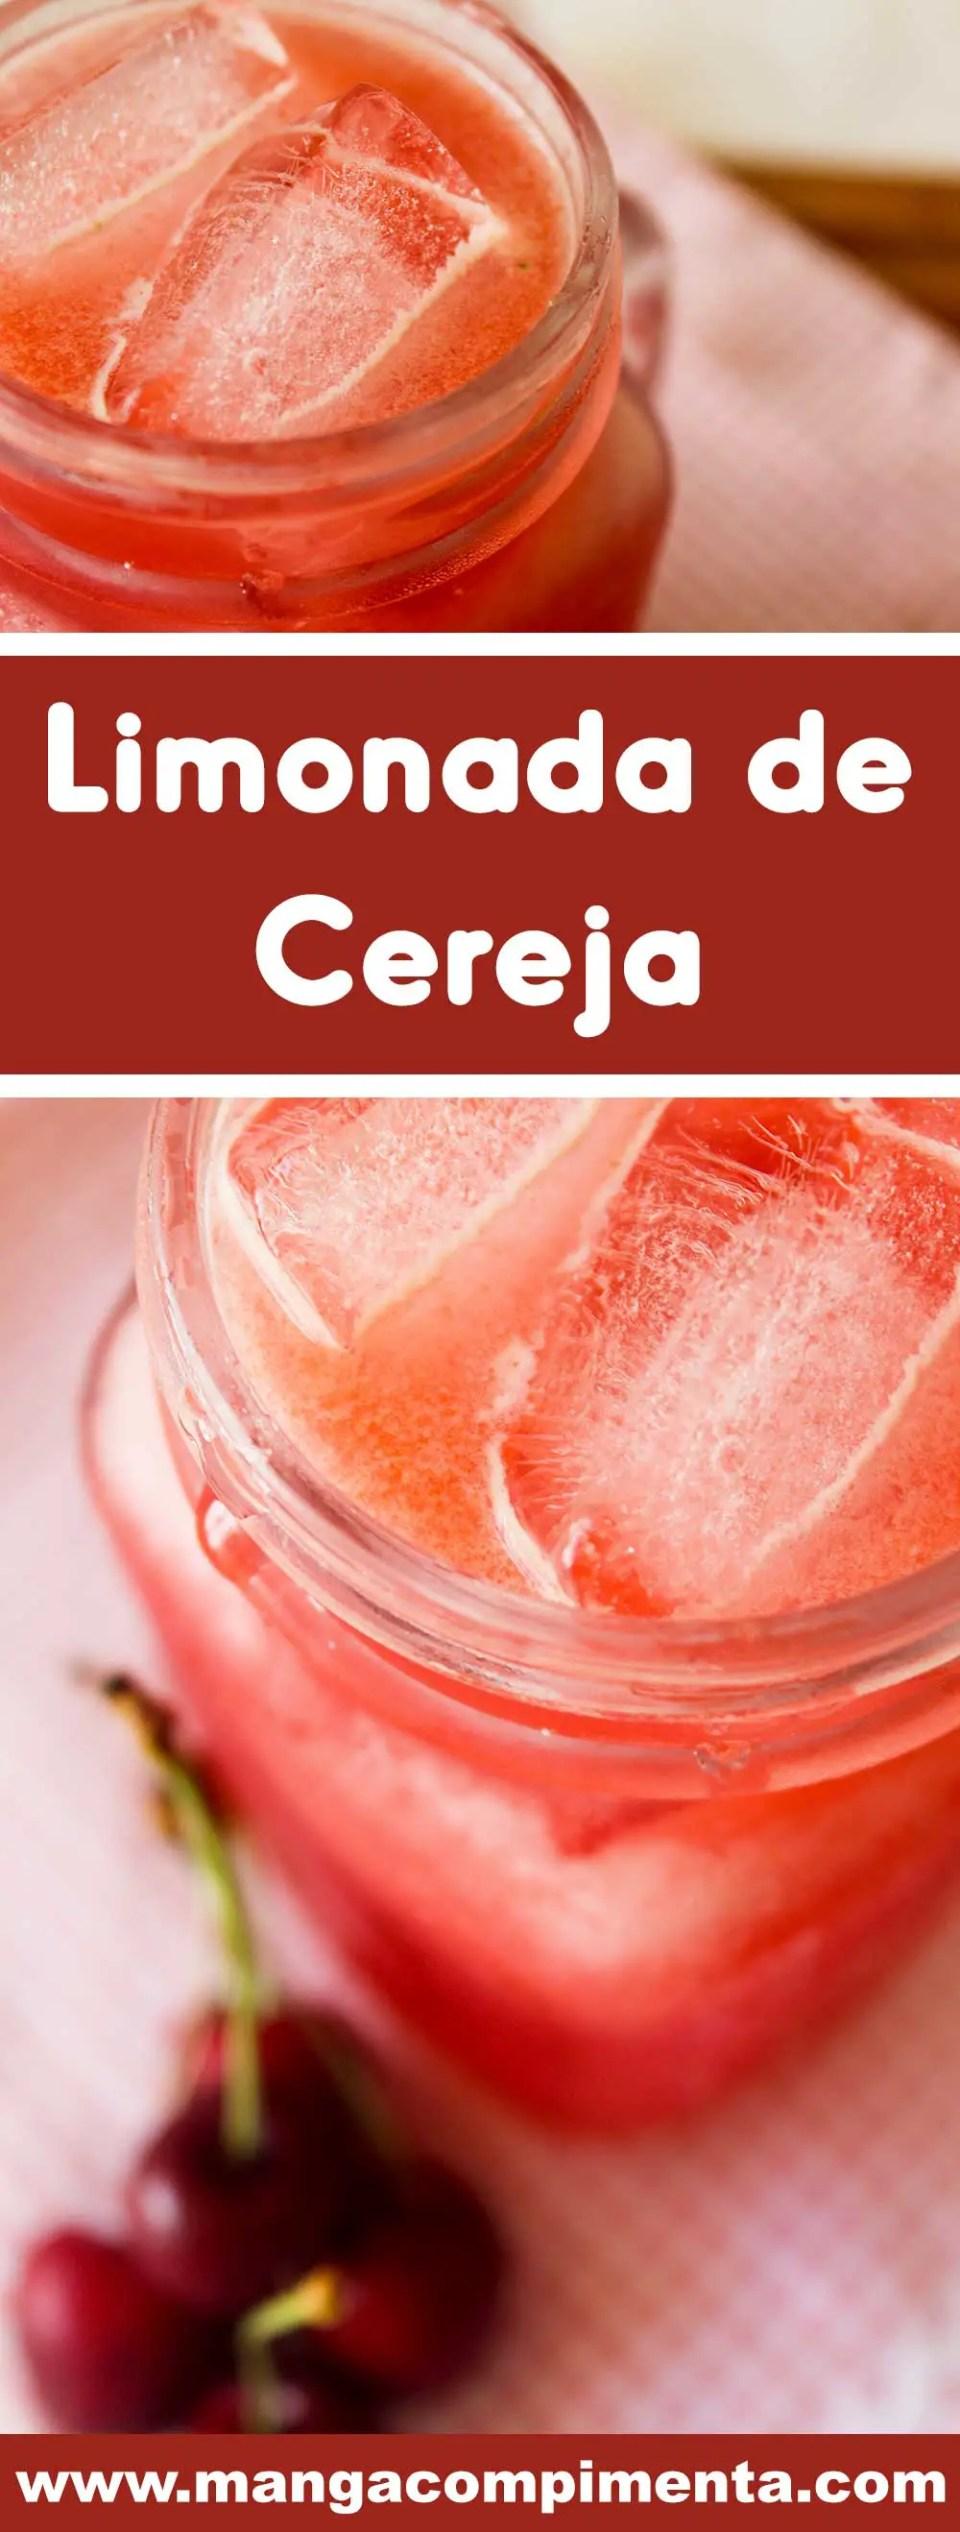 Receita de Limonada de Cereja - uma deliciosa bebida gelada para curtir o verão com a família e amigos.